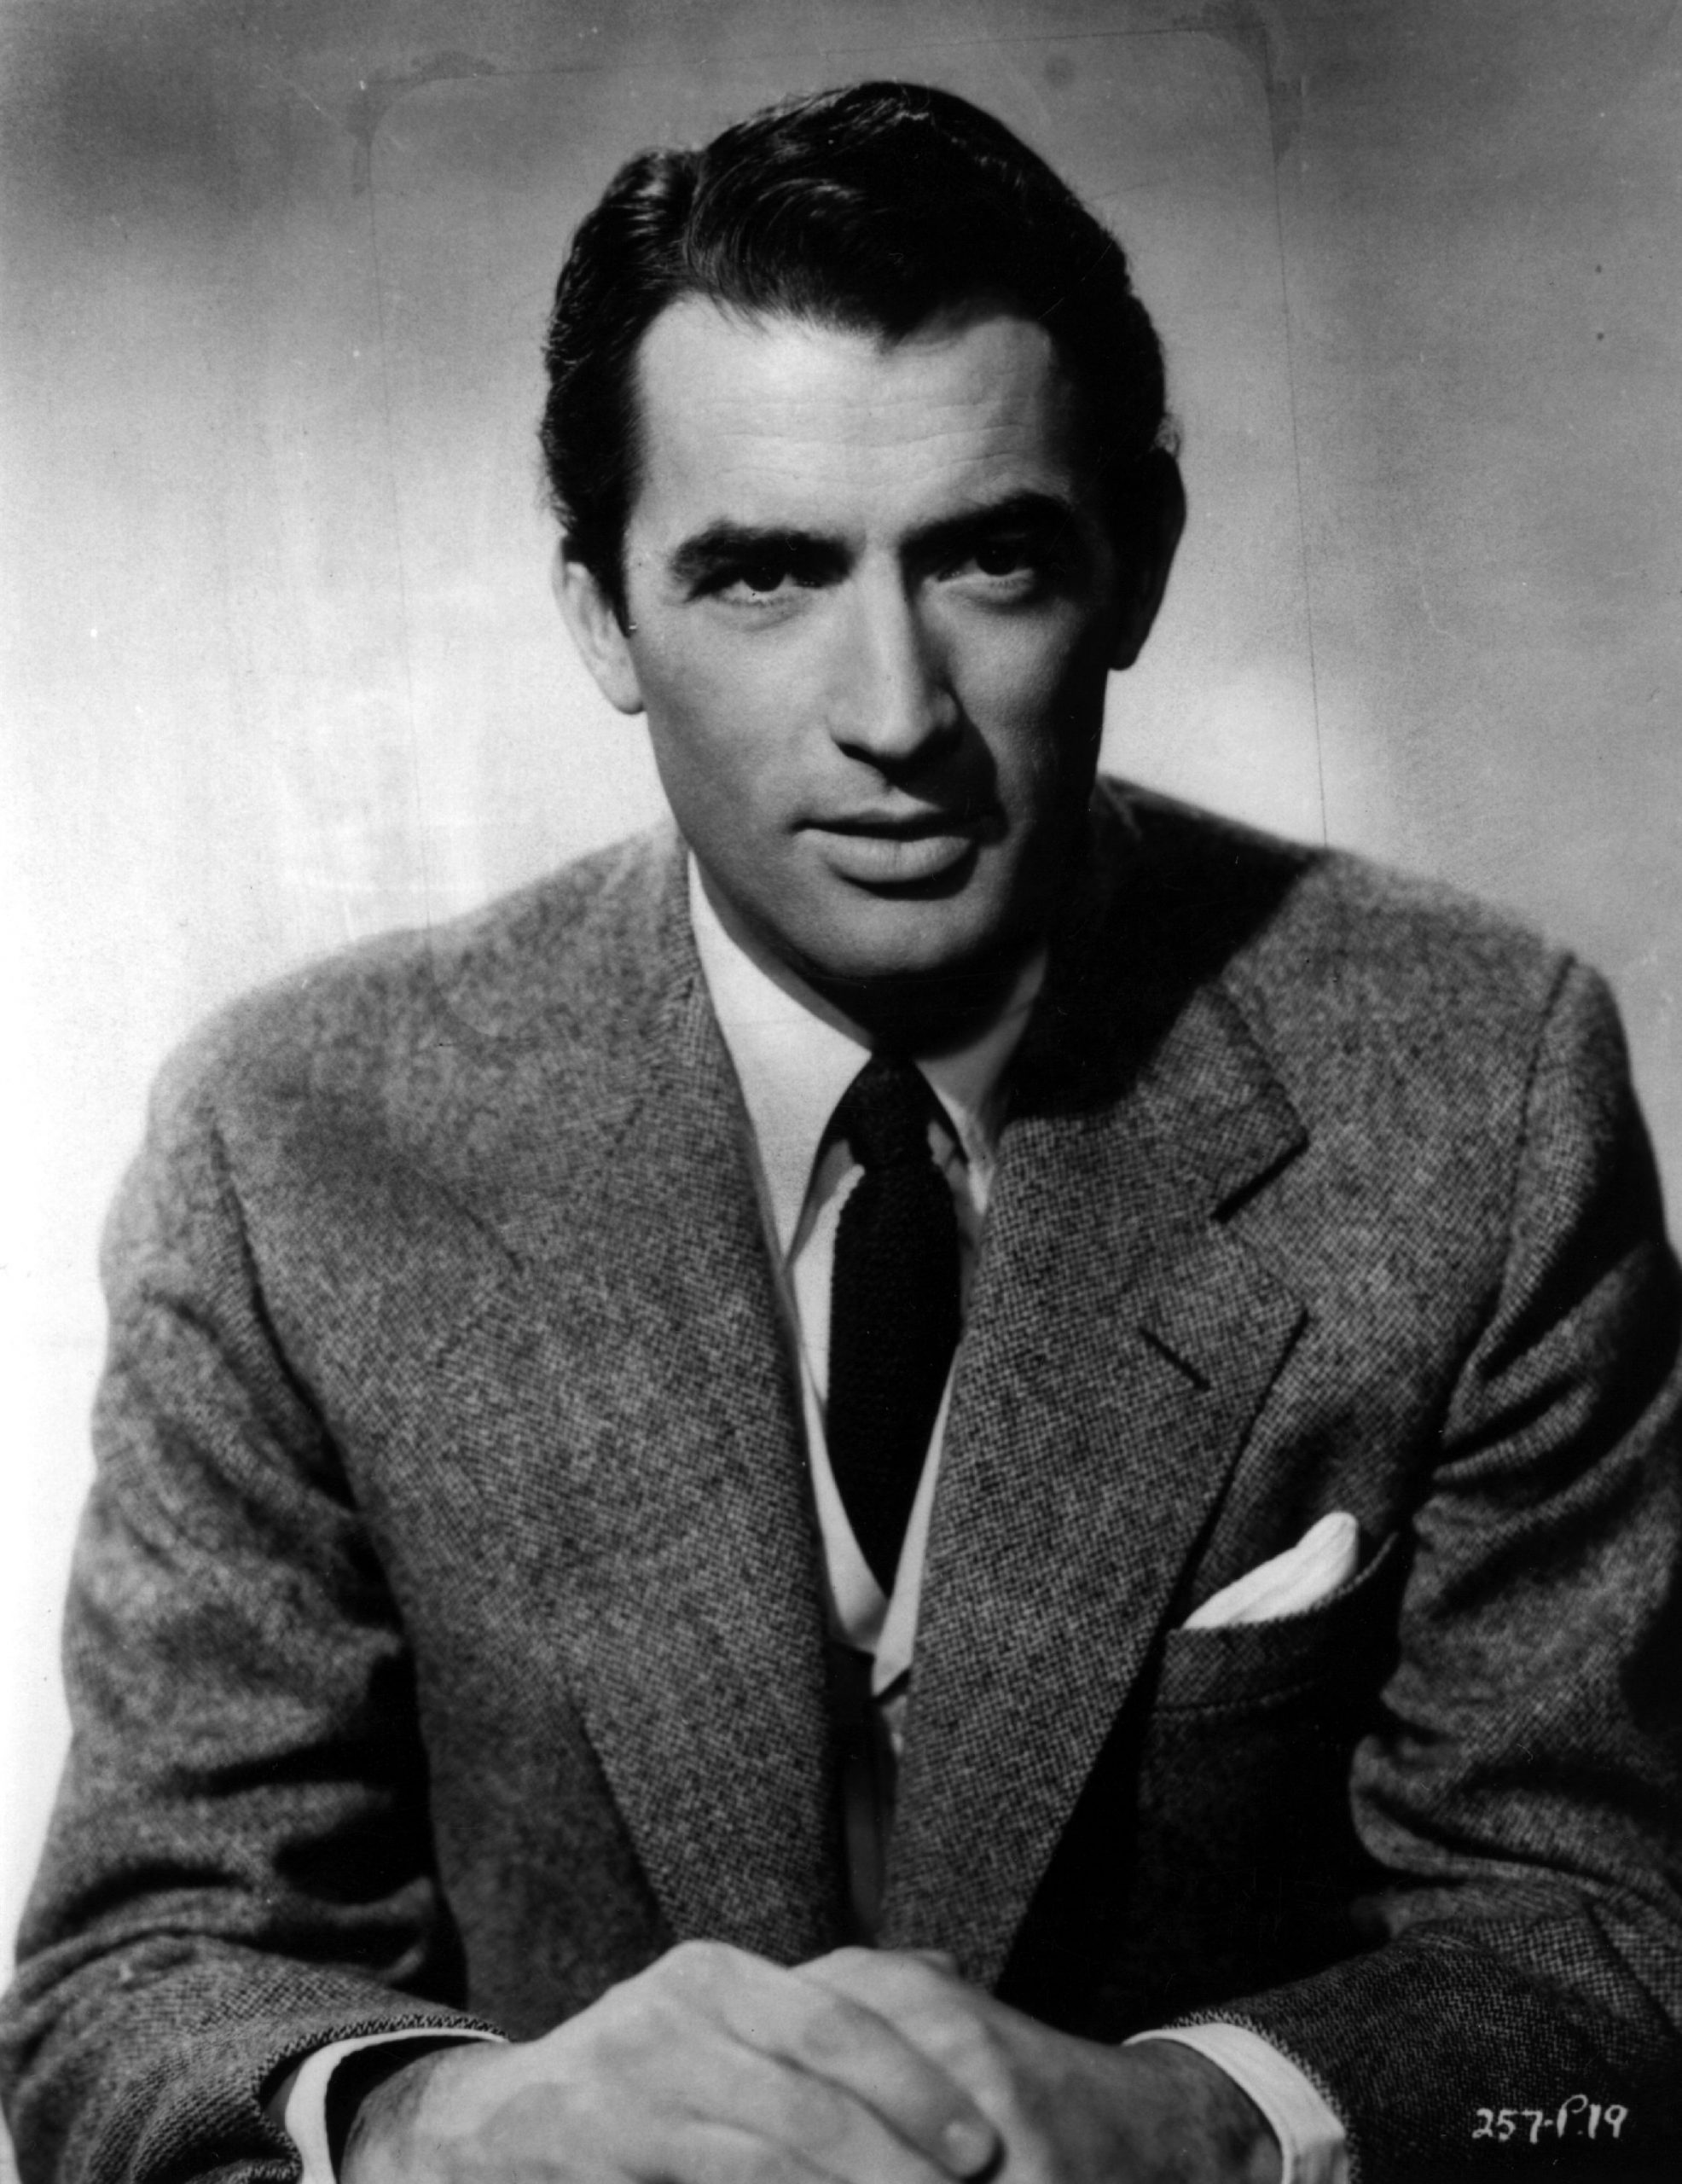 El actor americano en 1955 / Foto: Getty Images